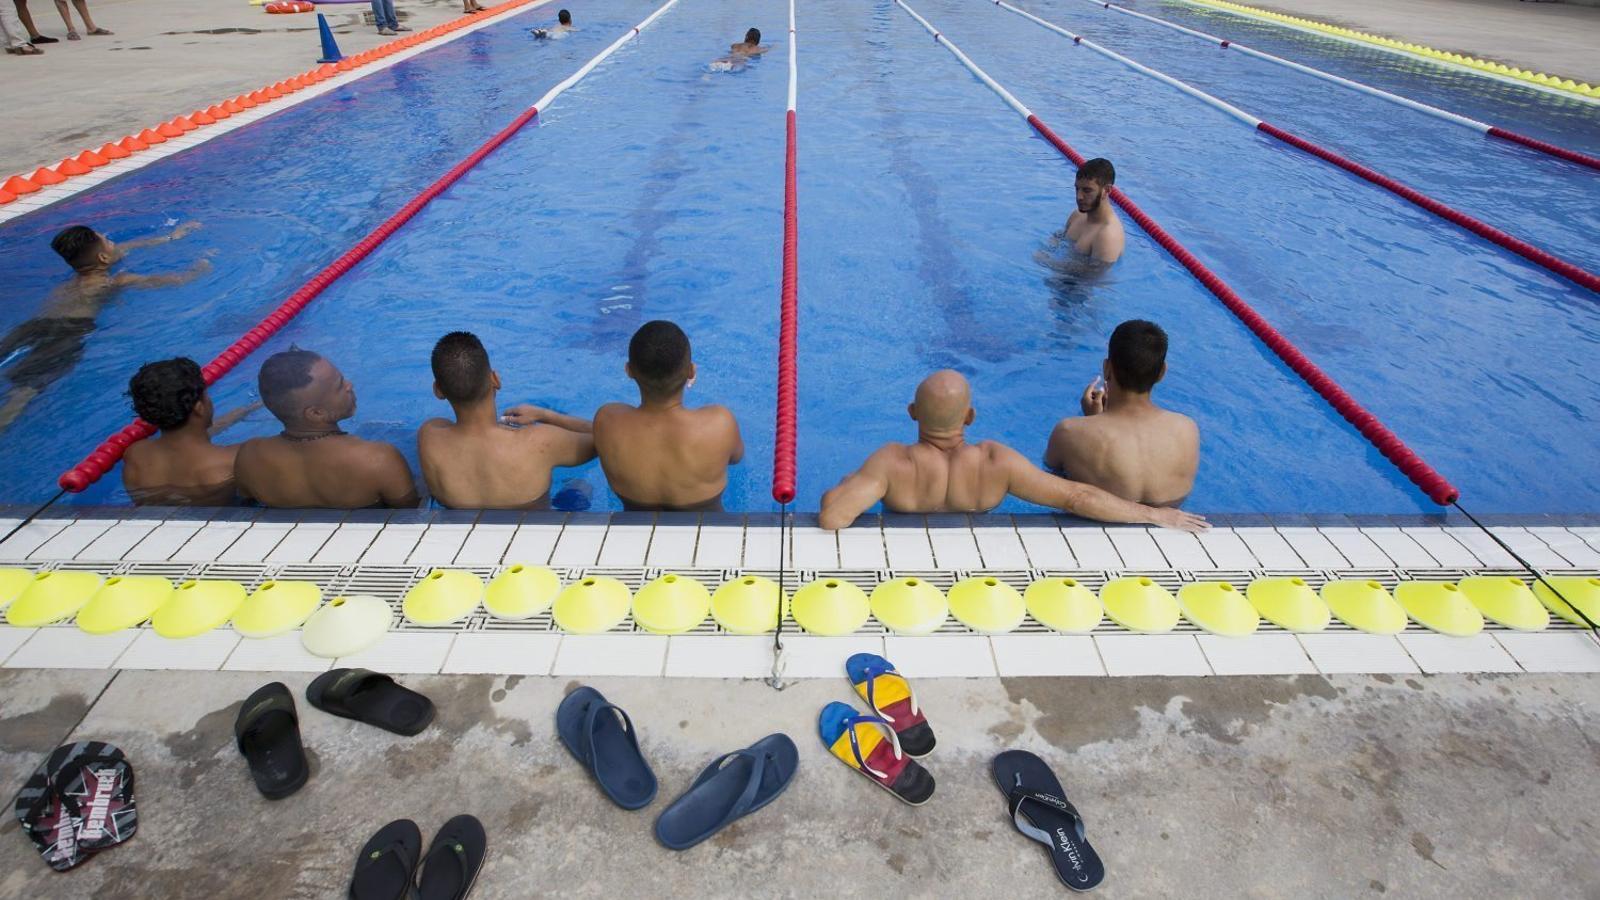 Reclusos de Brians 2, a Sant Esteve Sesrovires, durant una activitat a la piscina del centre penitenciari la setmana passada.